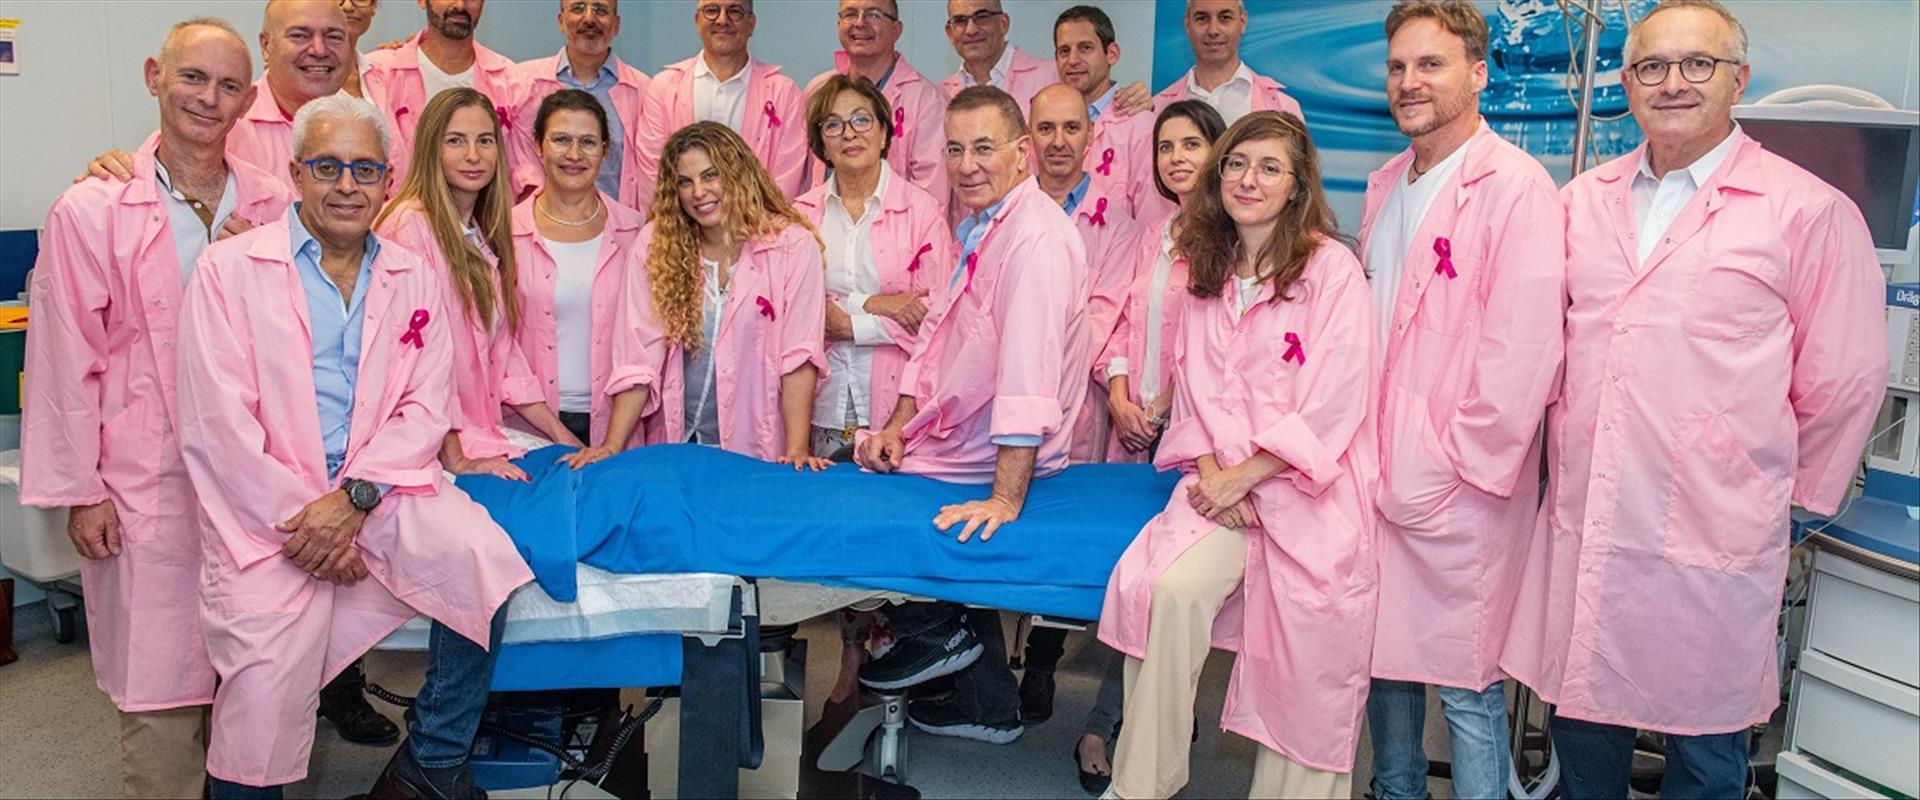 רופאים המטפלים בסרטן השד